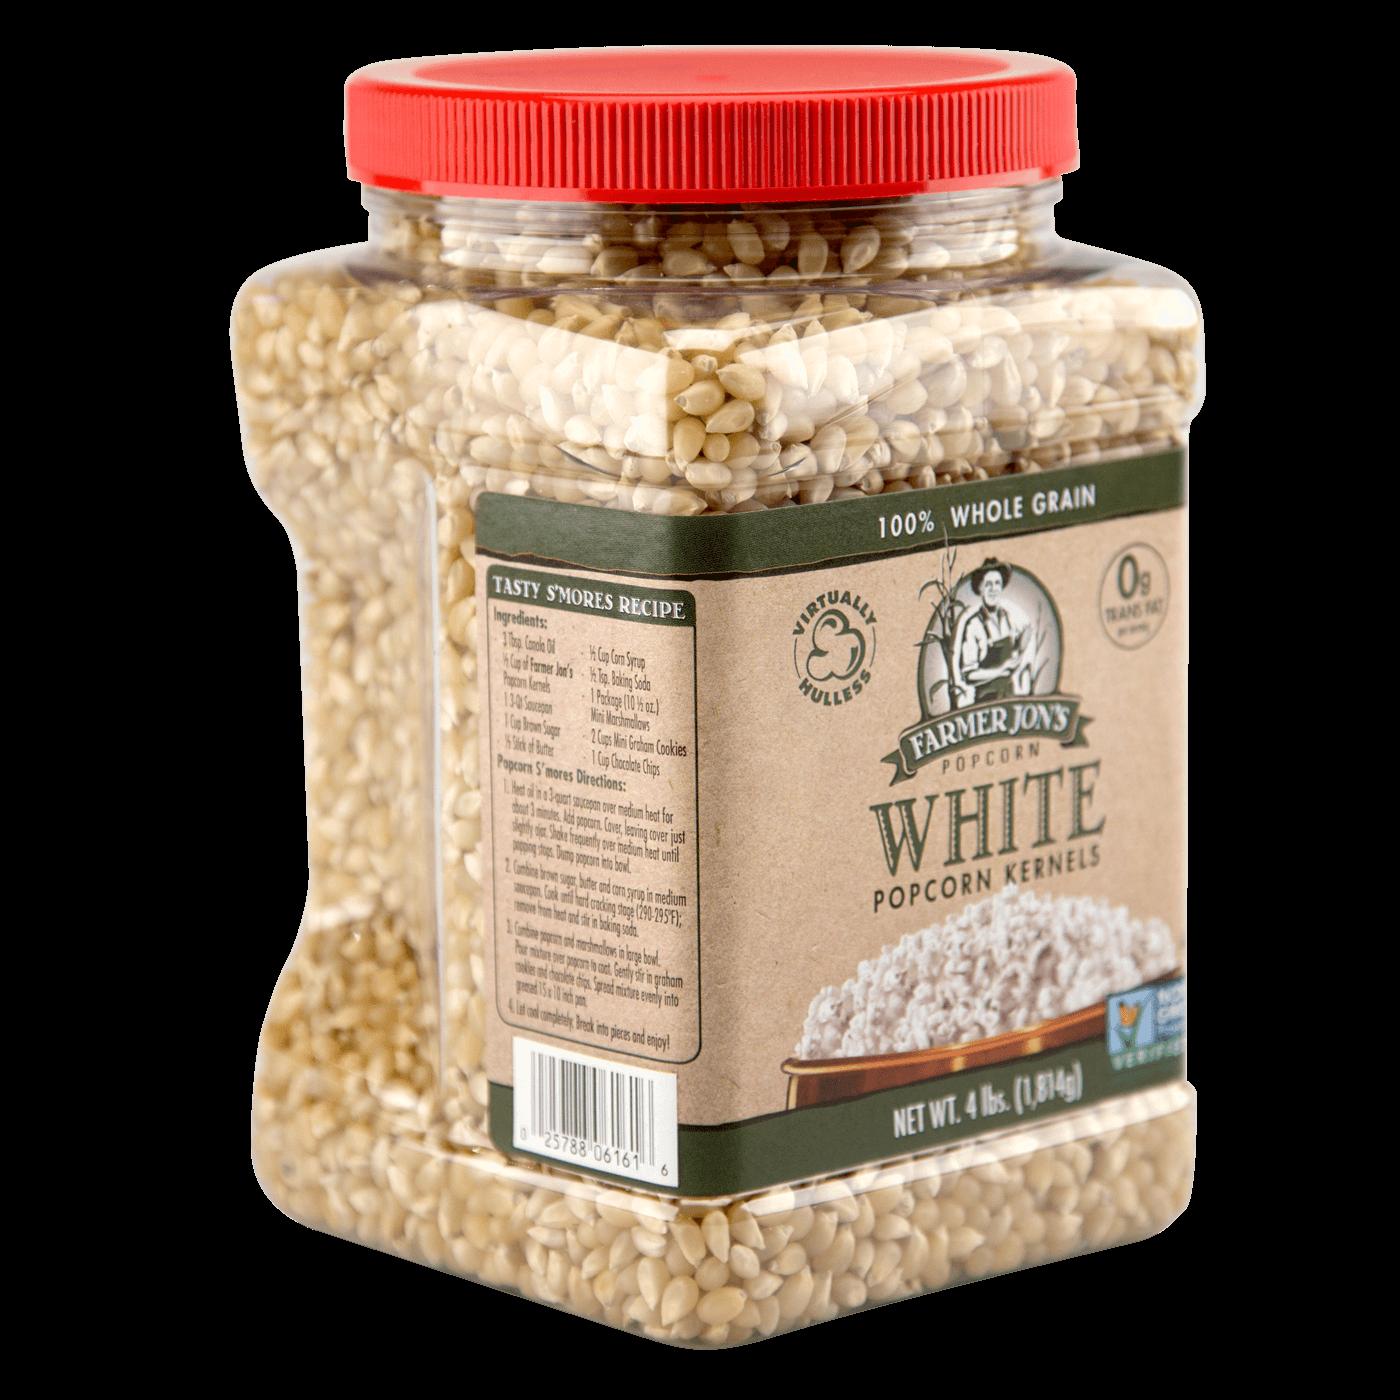 Farmer Jon's Virtually Hulless White Popcorn Kernels